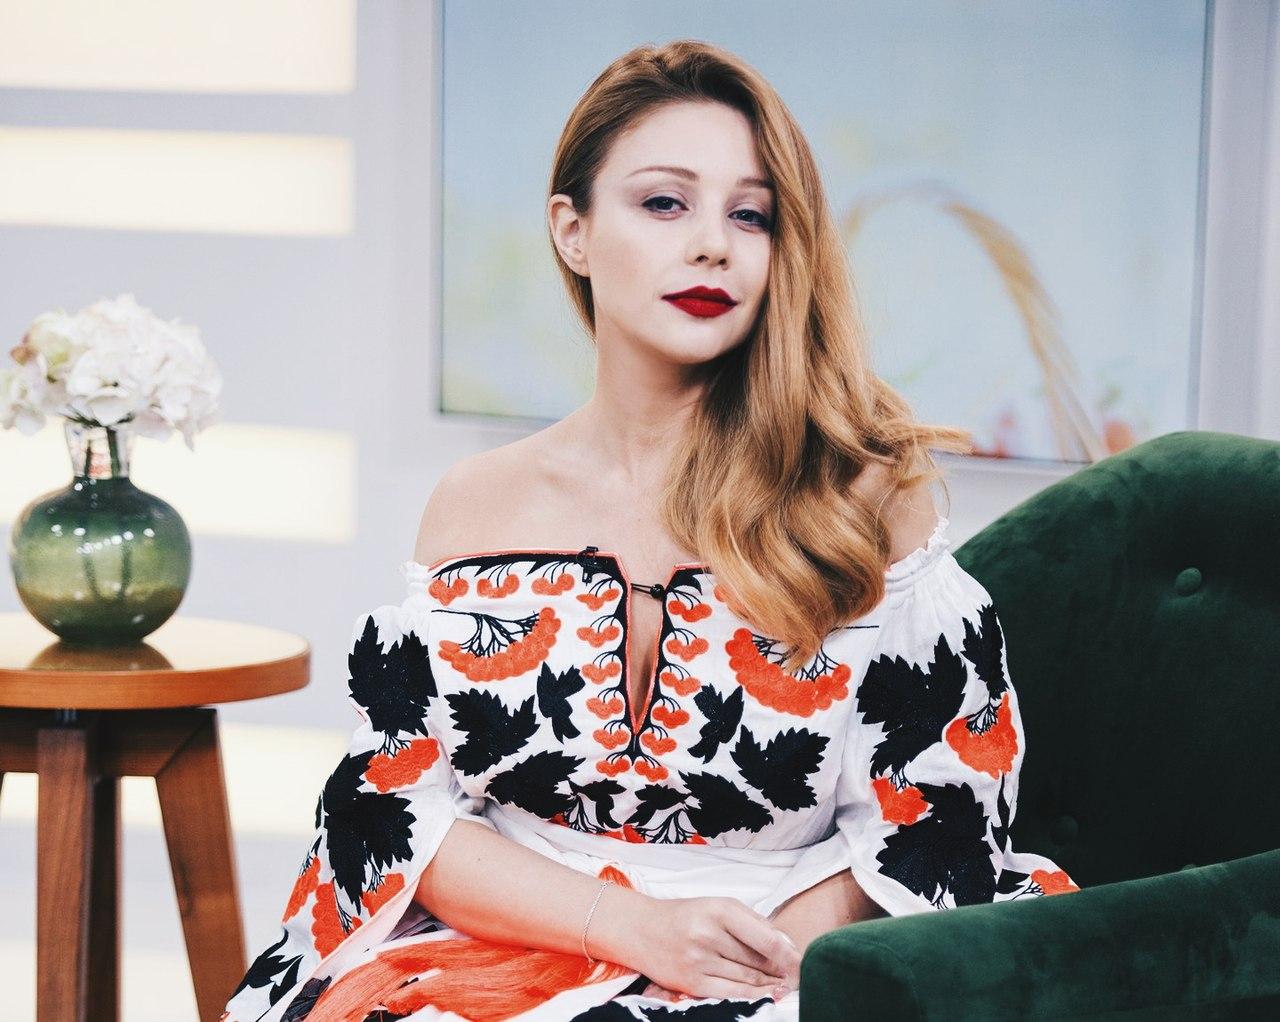 Минкульт просит Порошенко присвоить Тине Кароль звание народной артистки